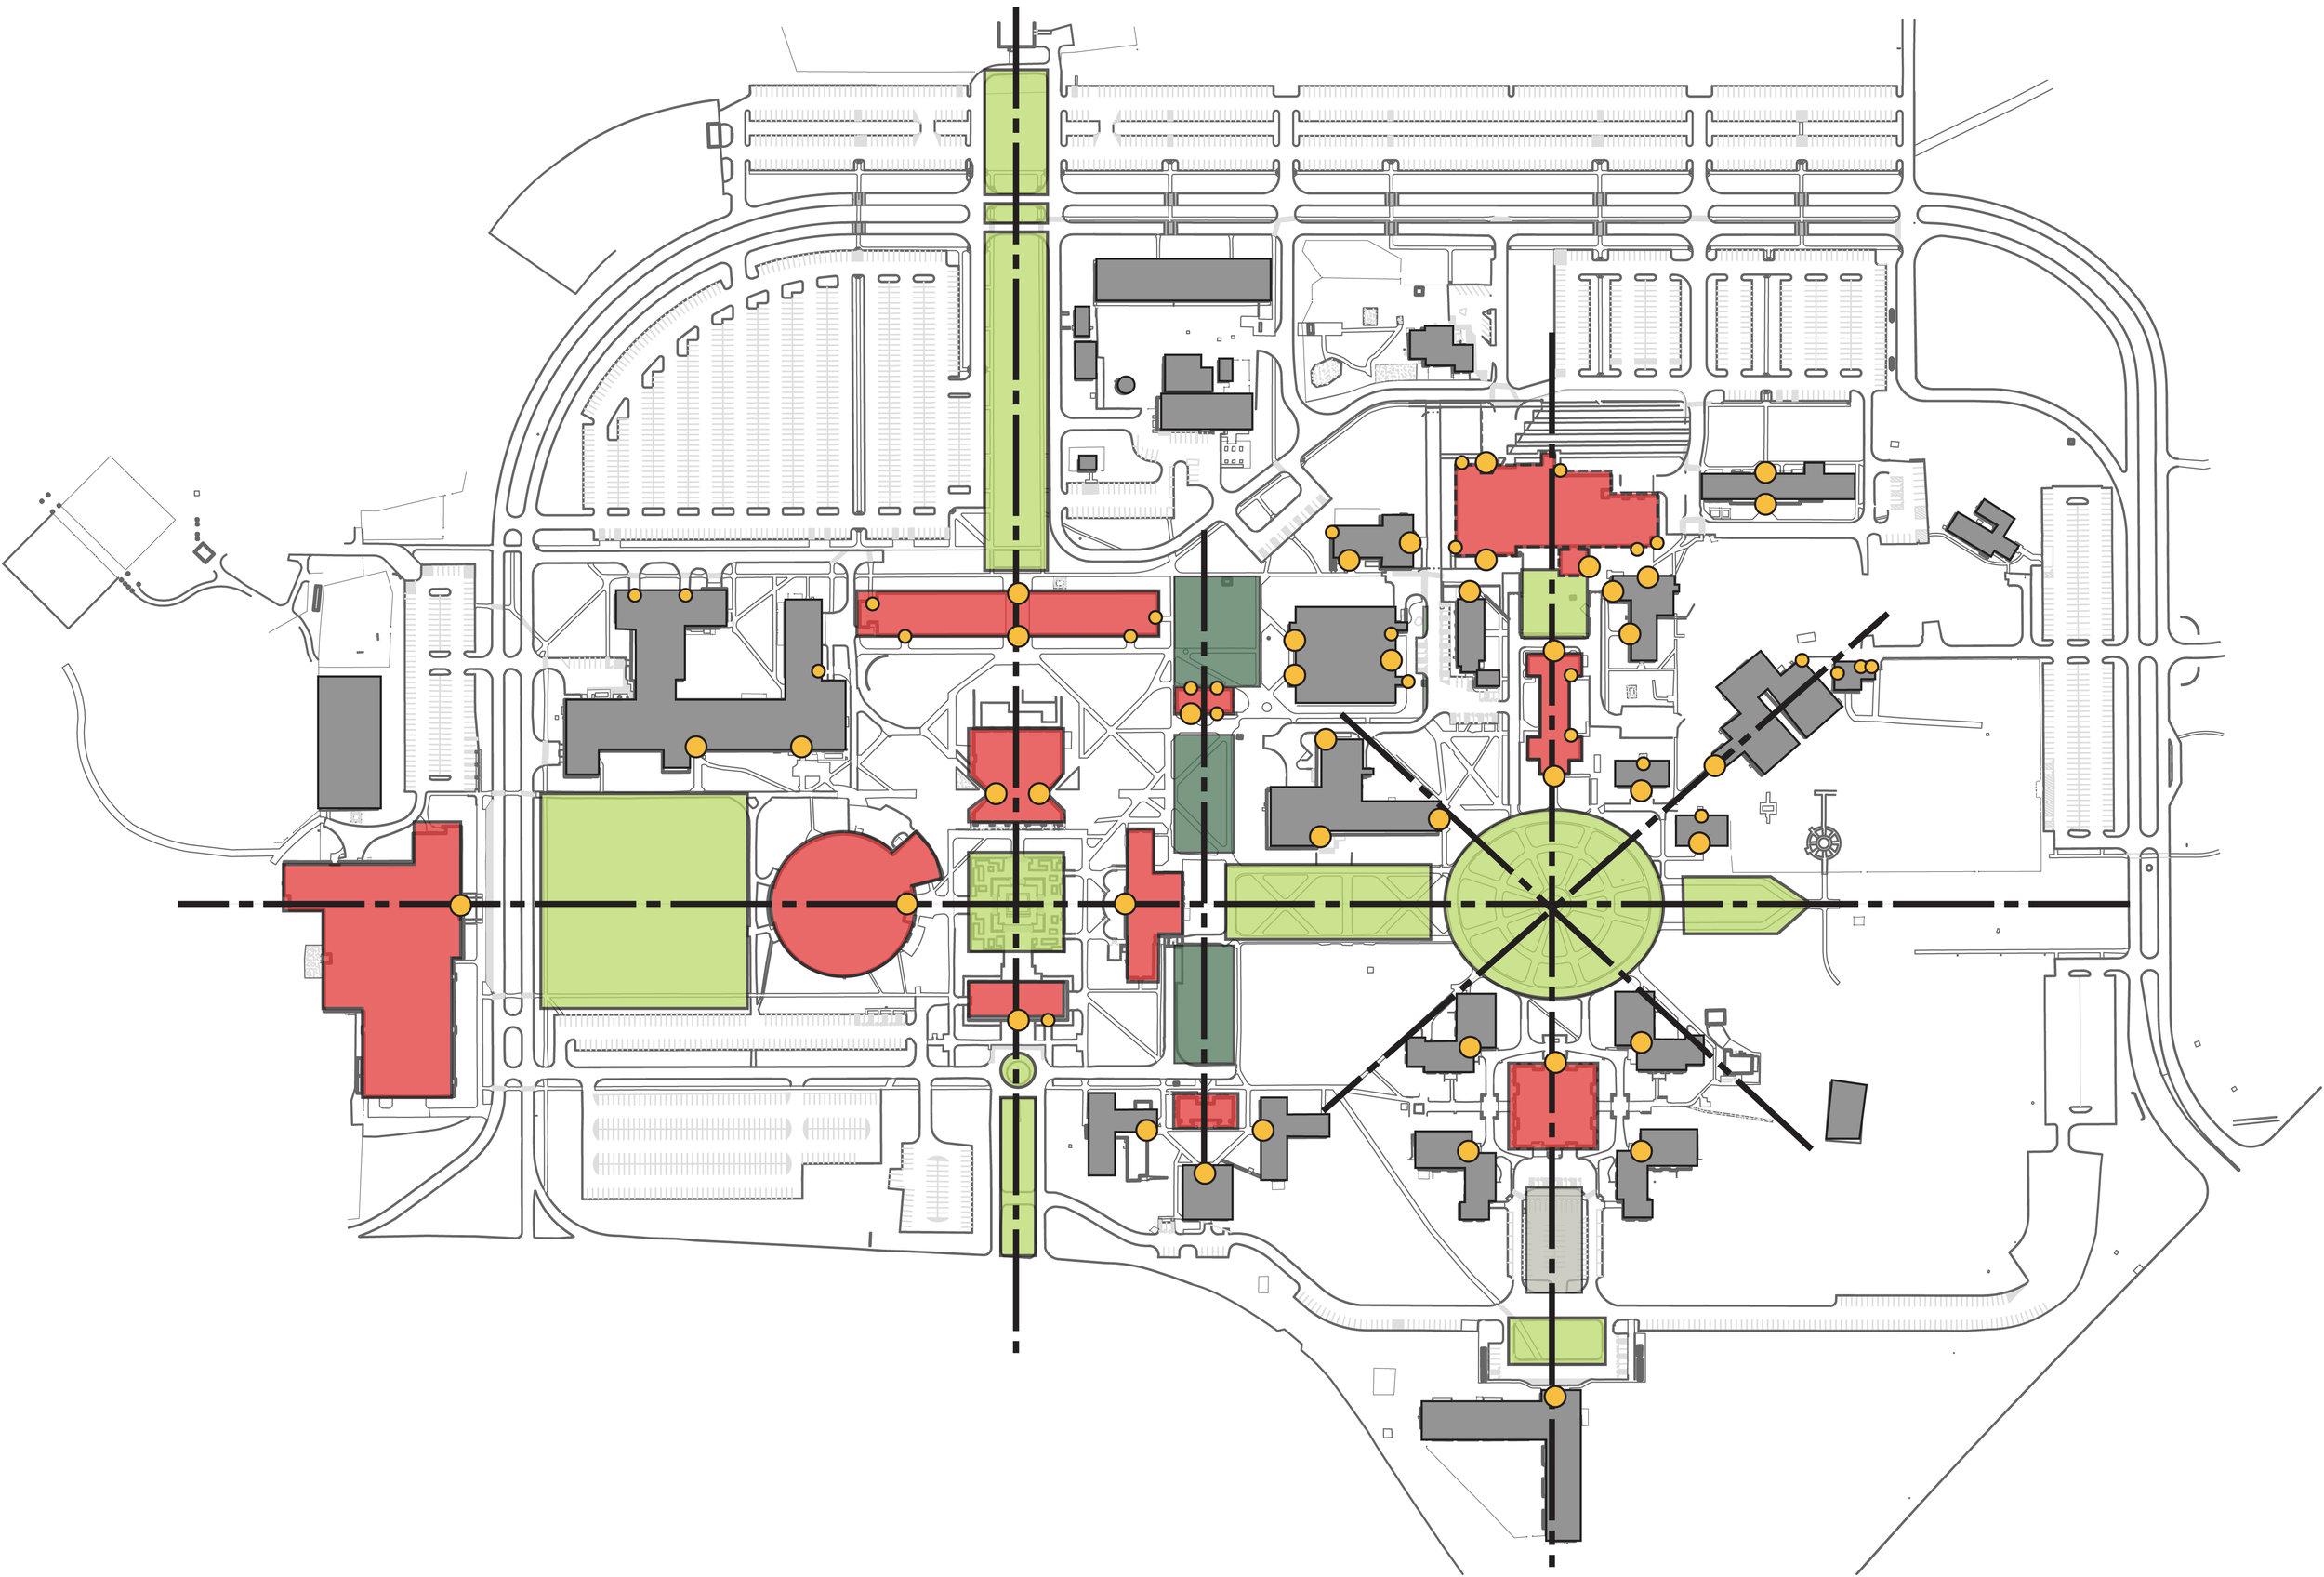 SUNY Farmingdale Existing - Campus Organization.jpg